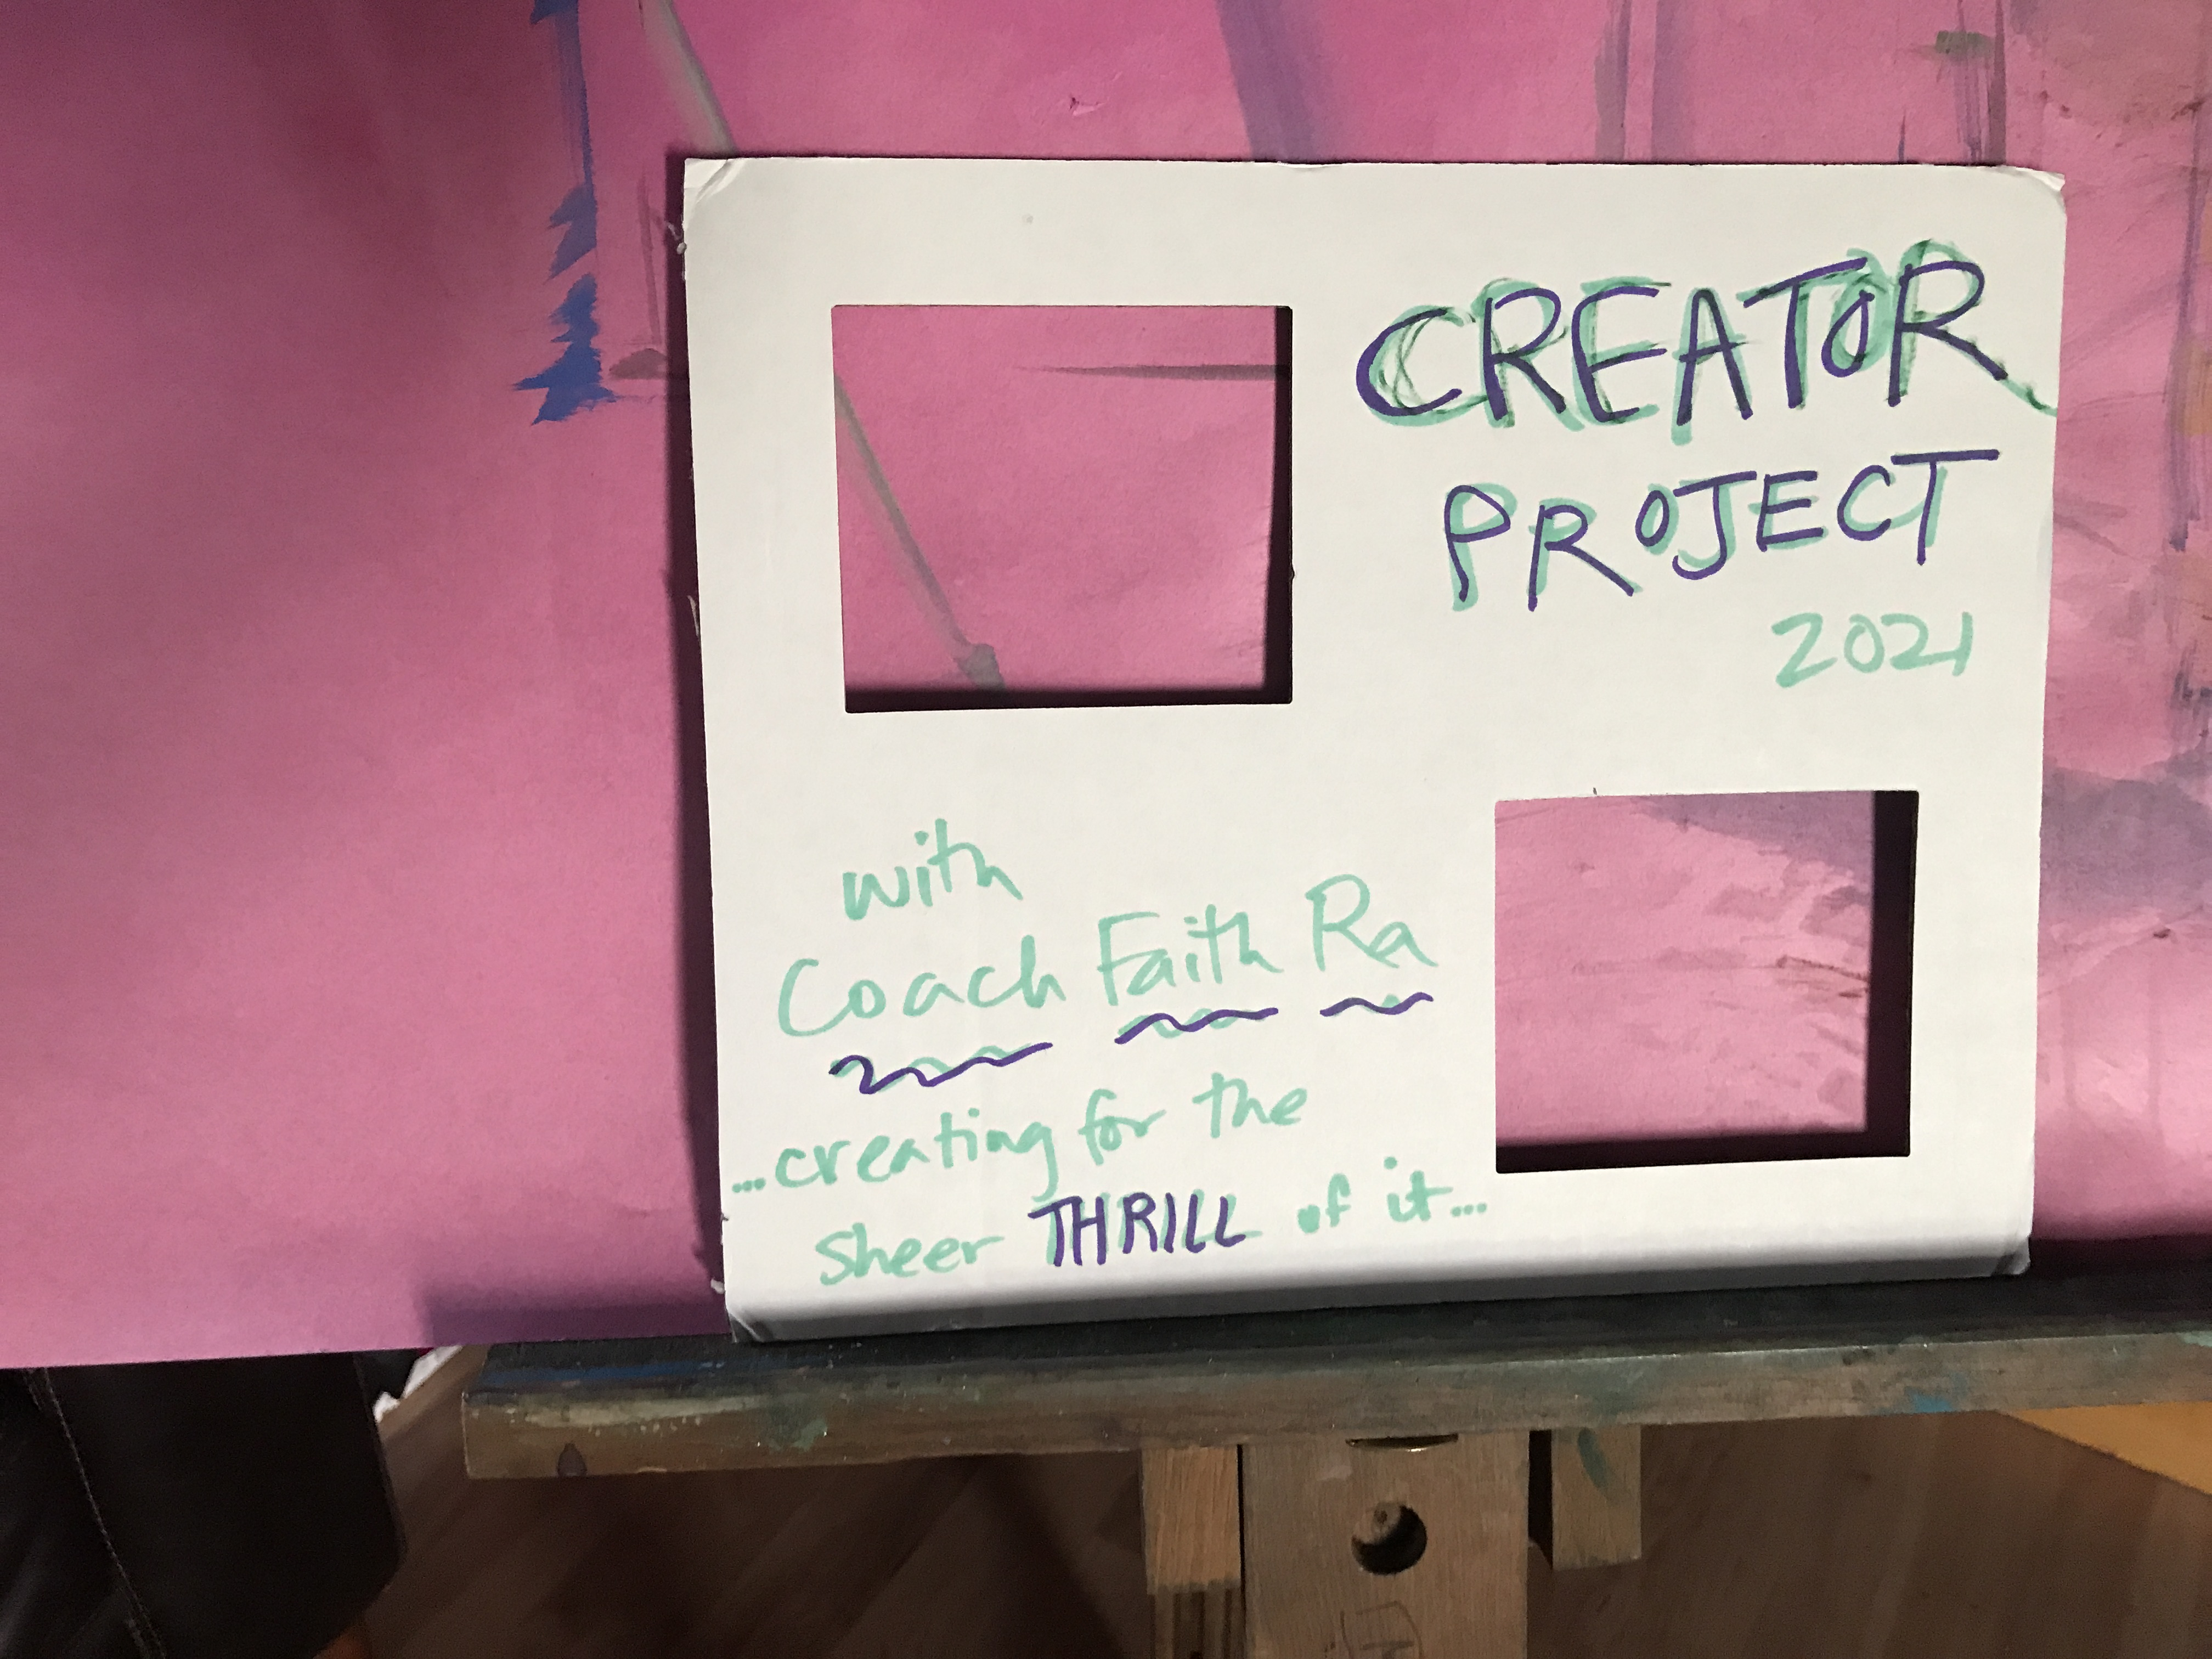 Creator Project 2021 with Coach Faith Ra